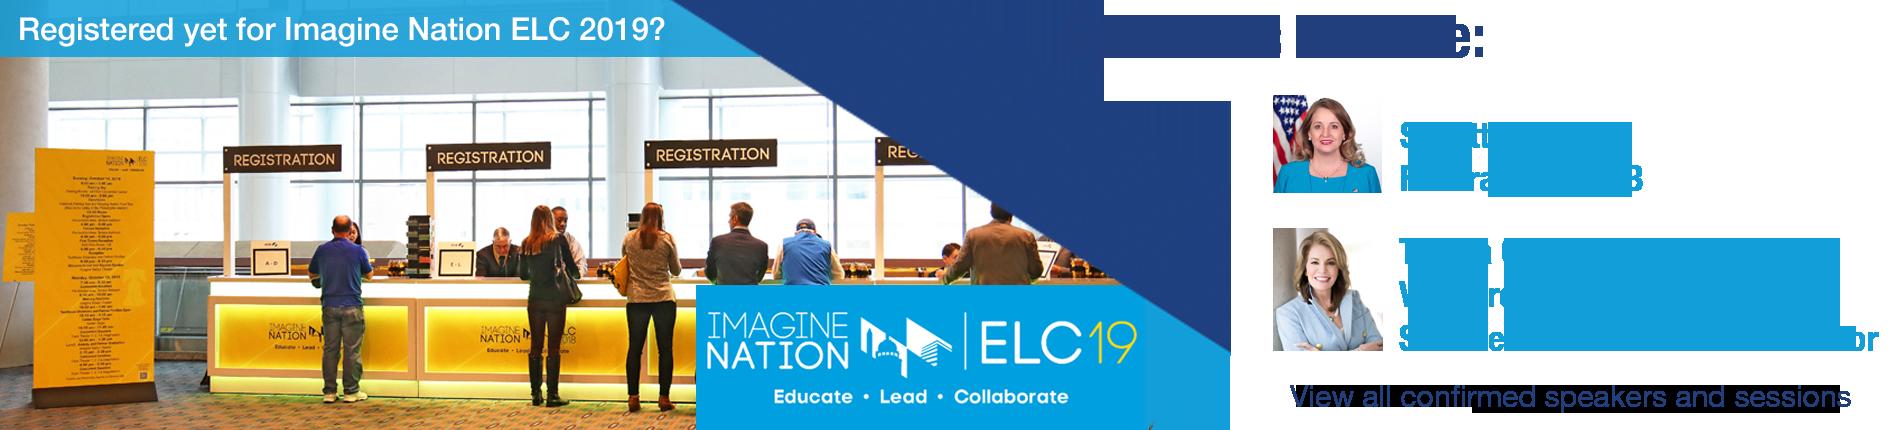 Imagine Nation ELC 2019 Banner